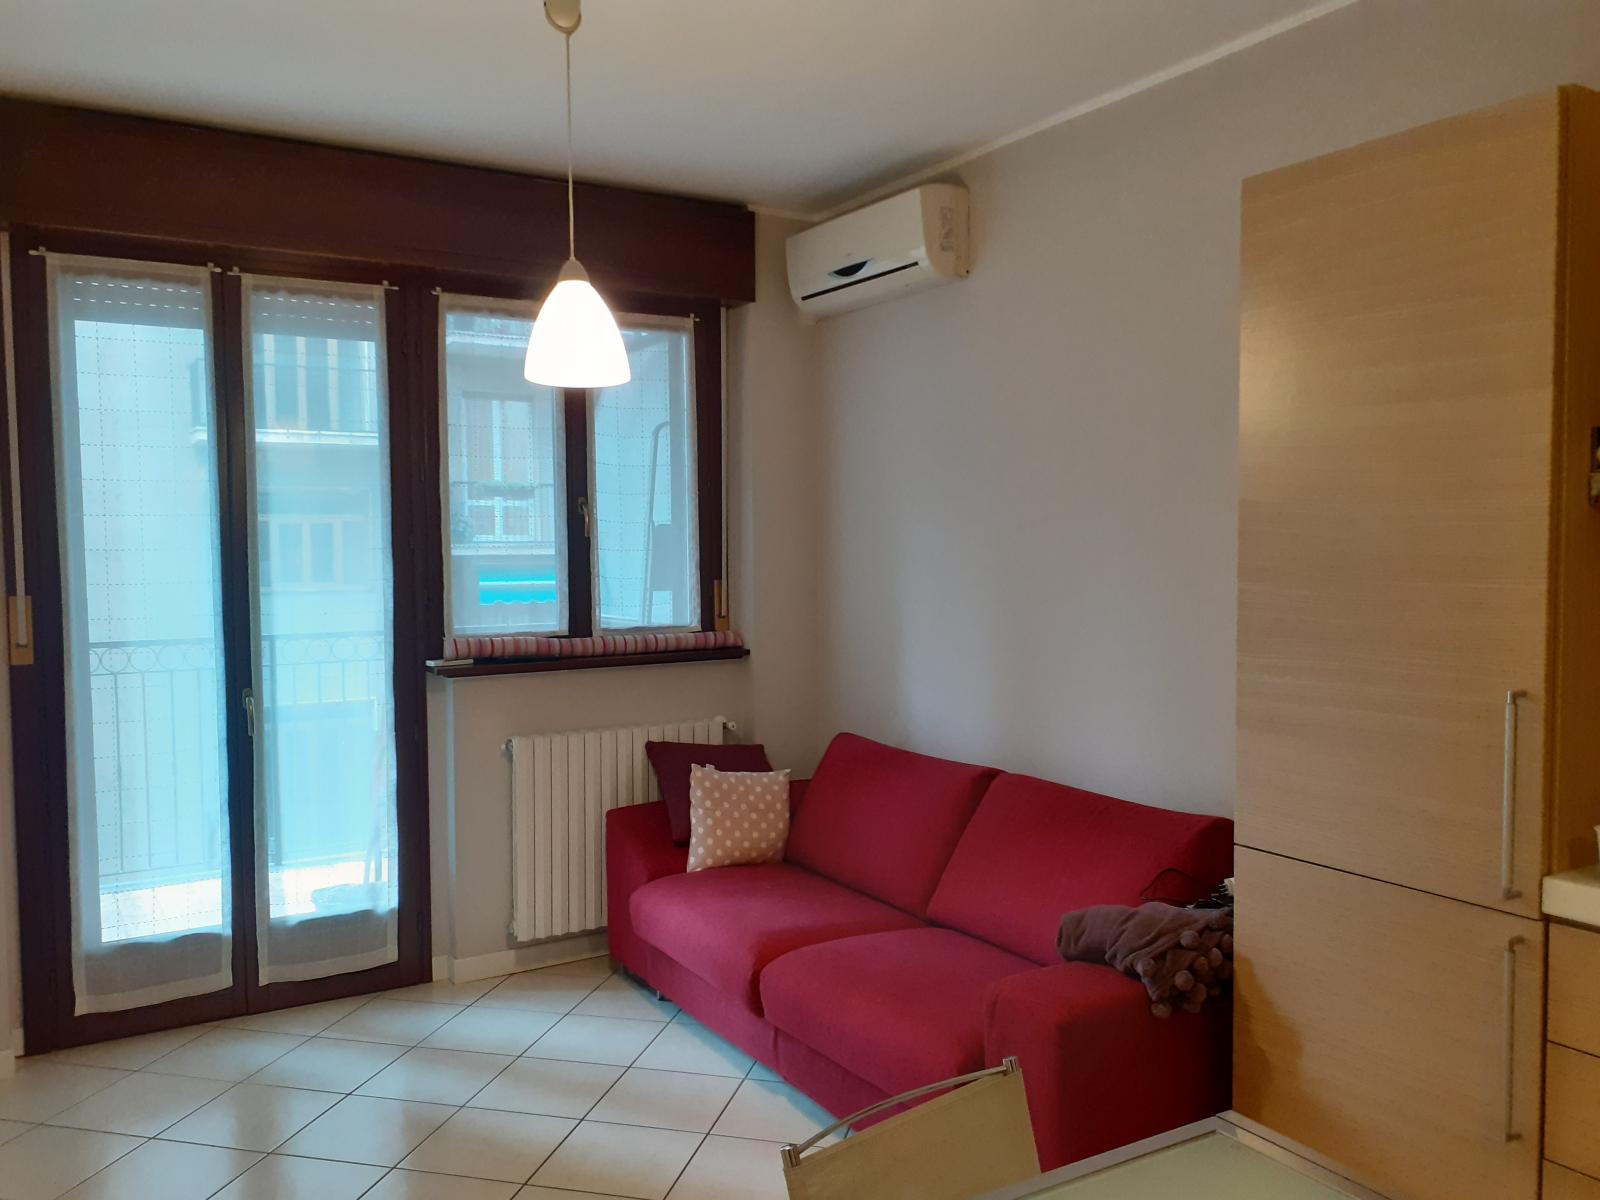 appartamento-in-vendita-a-milano-san-siro-via-capecelatro-spaziourbano-immobiliare-vende-2